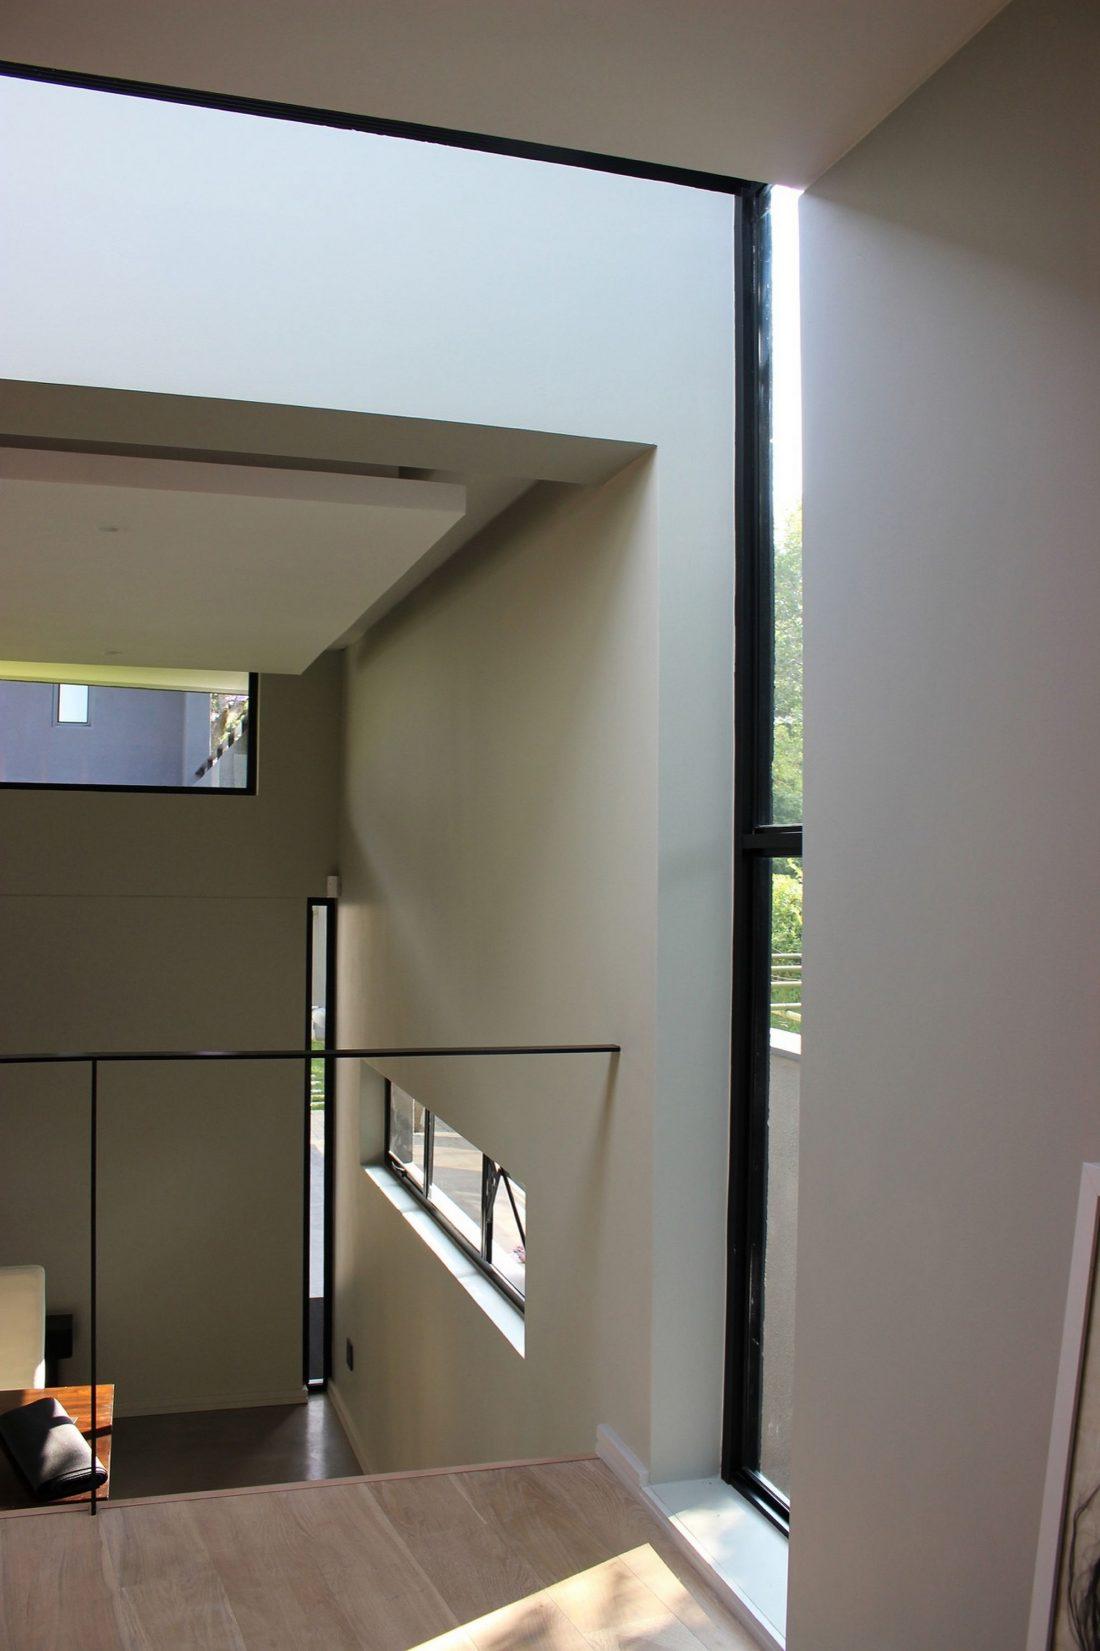 granitnyj-dom-komfortnoe-zhile-vysokaya-energoeffektivnost-6